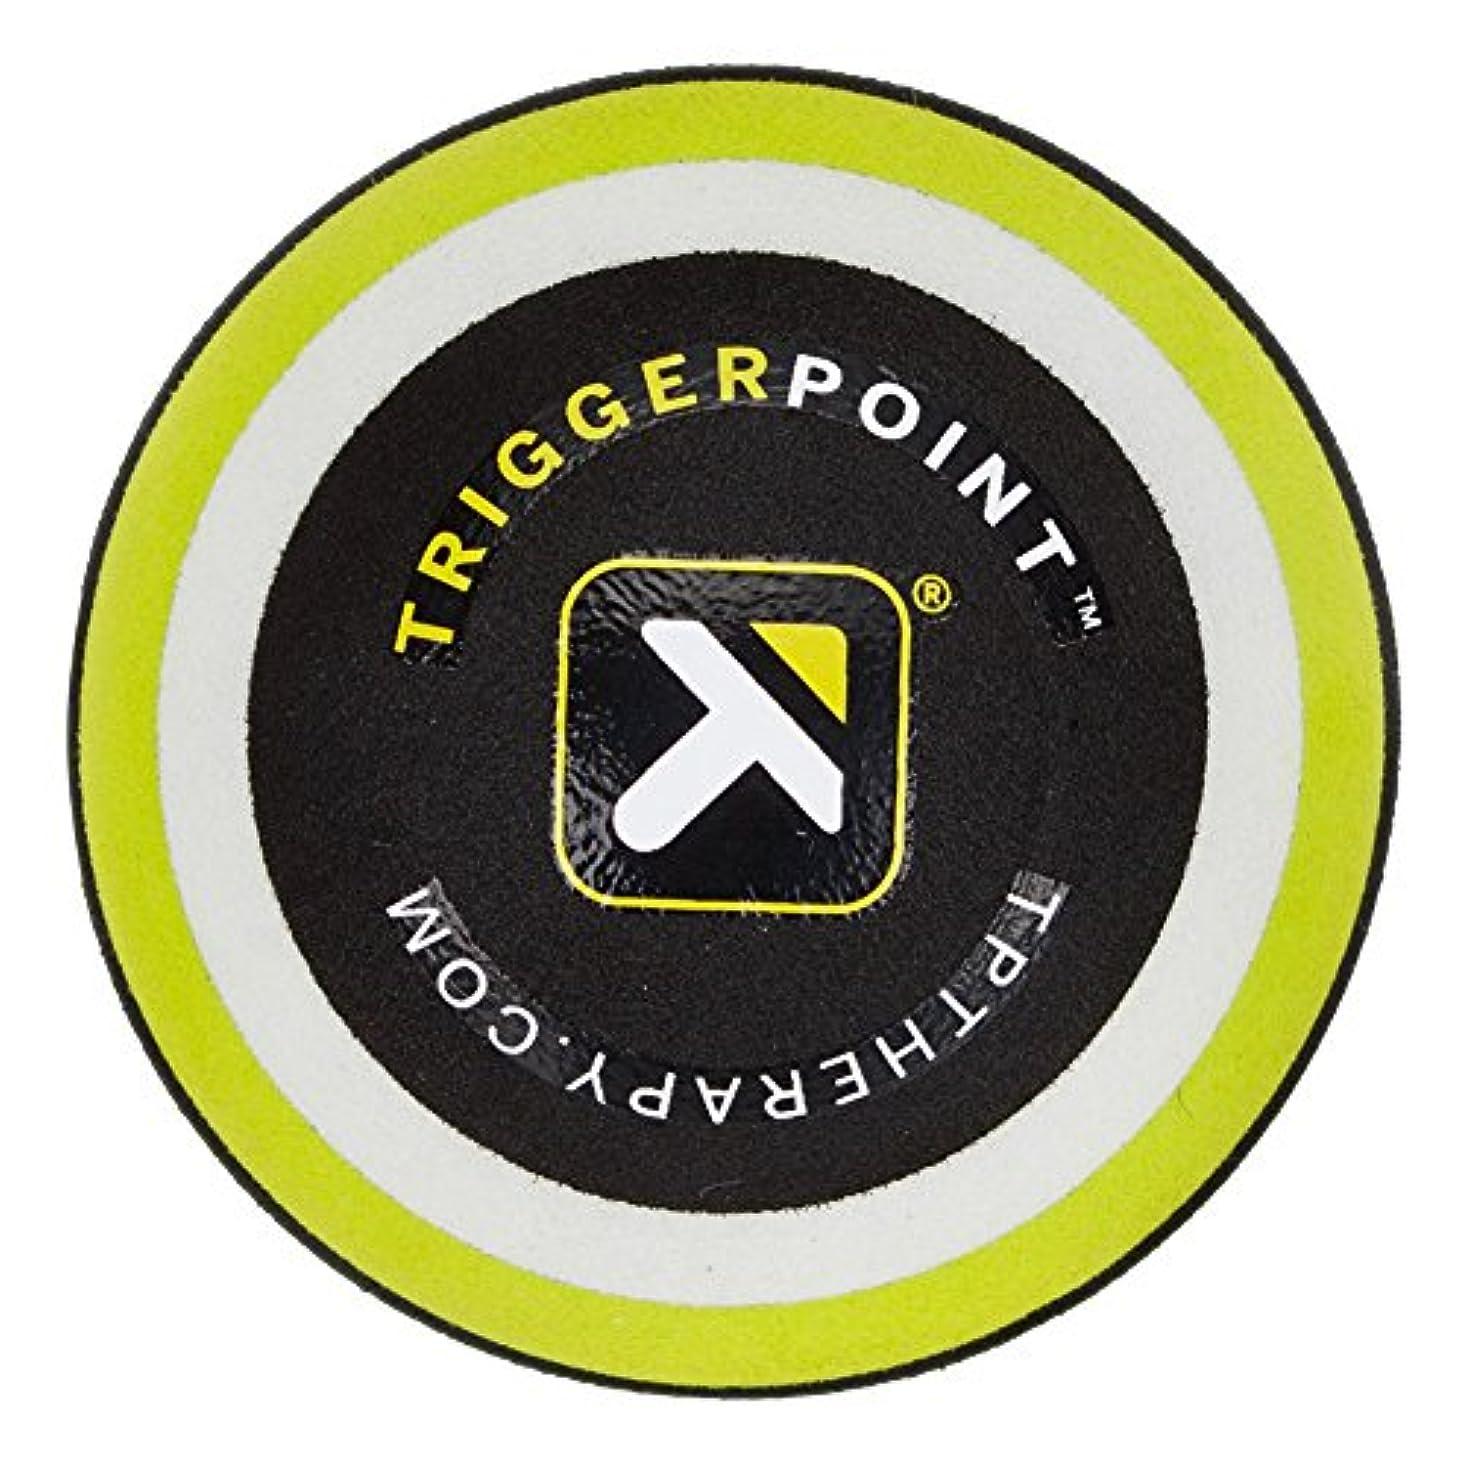 横整理するモニター[ トリガーポイント ] Trigger Point マッサージボール (6.5cm) MB1 筋膜リリース 03301 グリーン ストレッチ [並行輸入品]